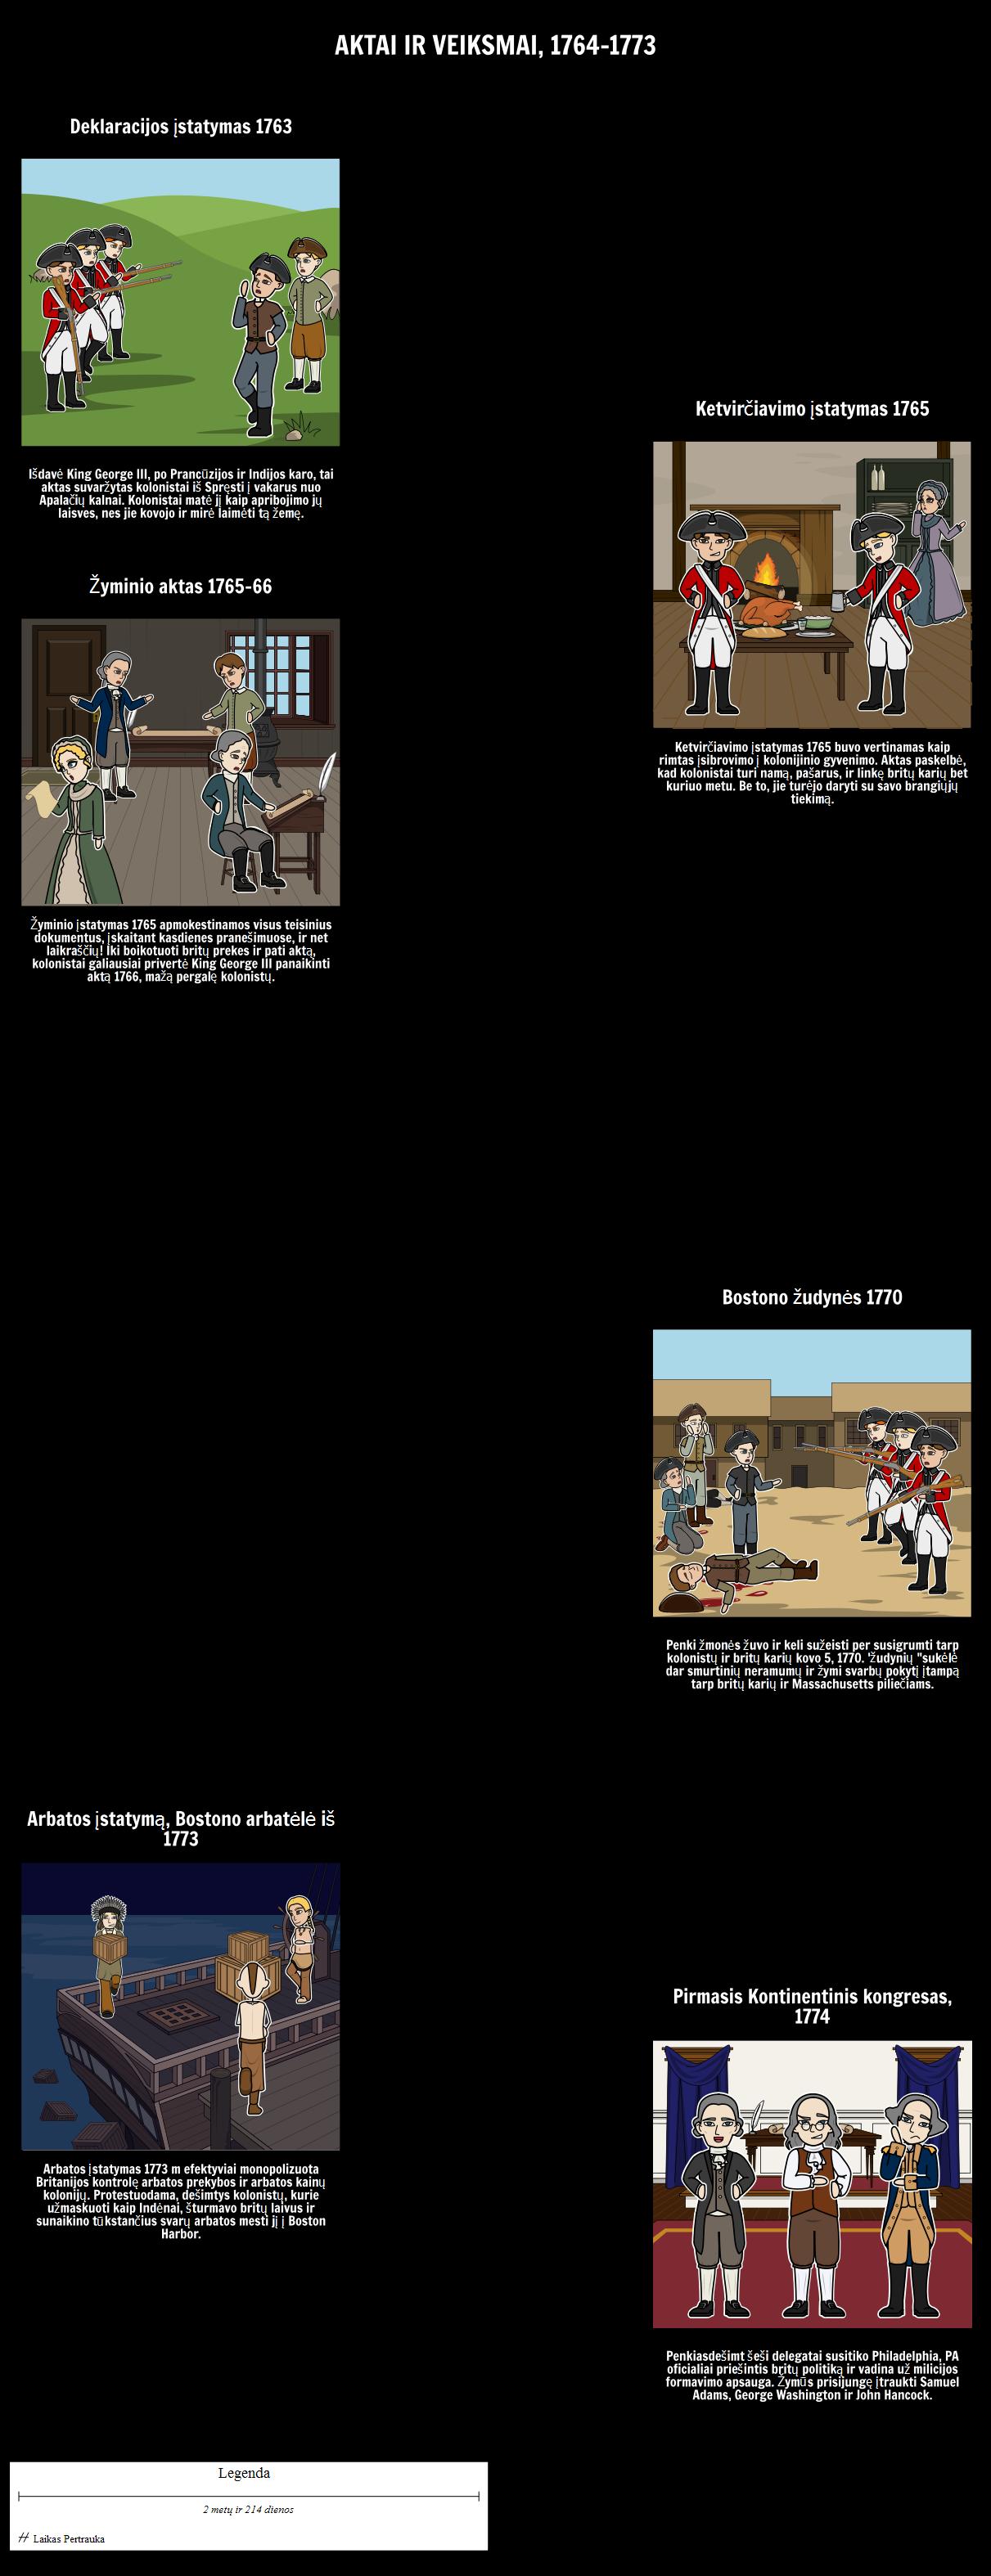 Aktų ir veiksmų iš 13 kolonijų: 1764-1773